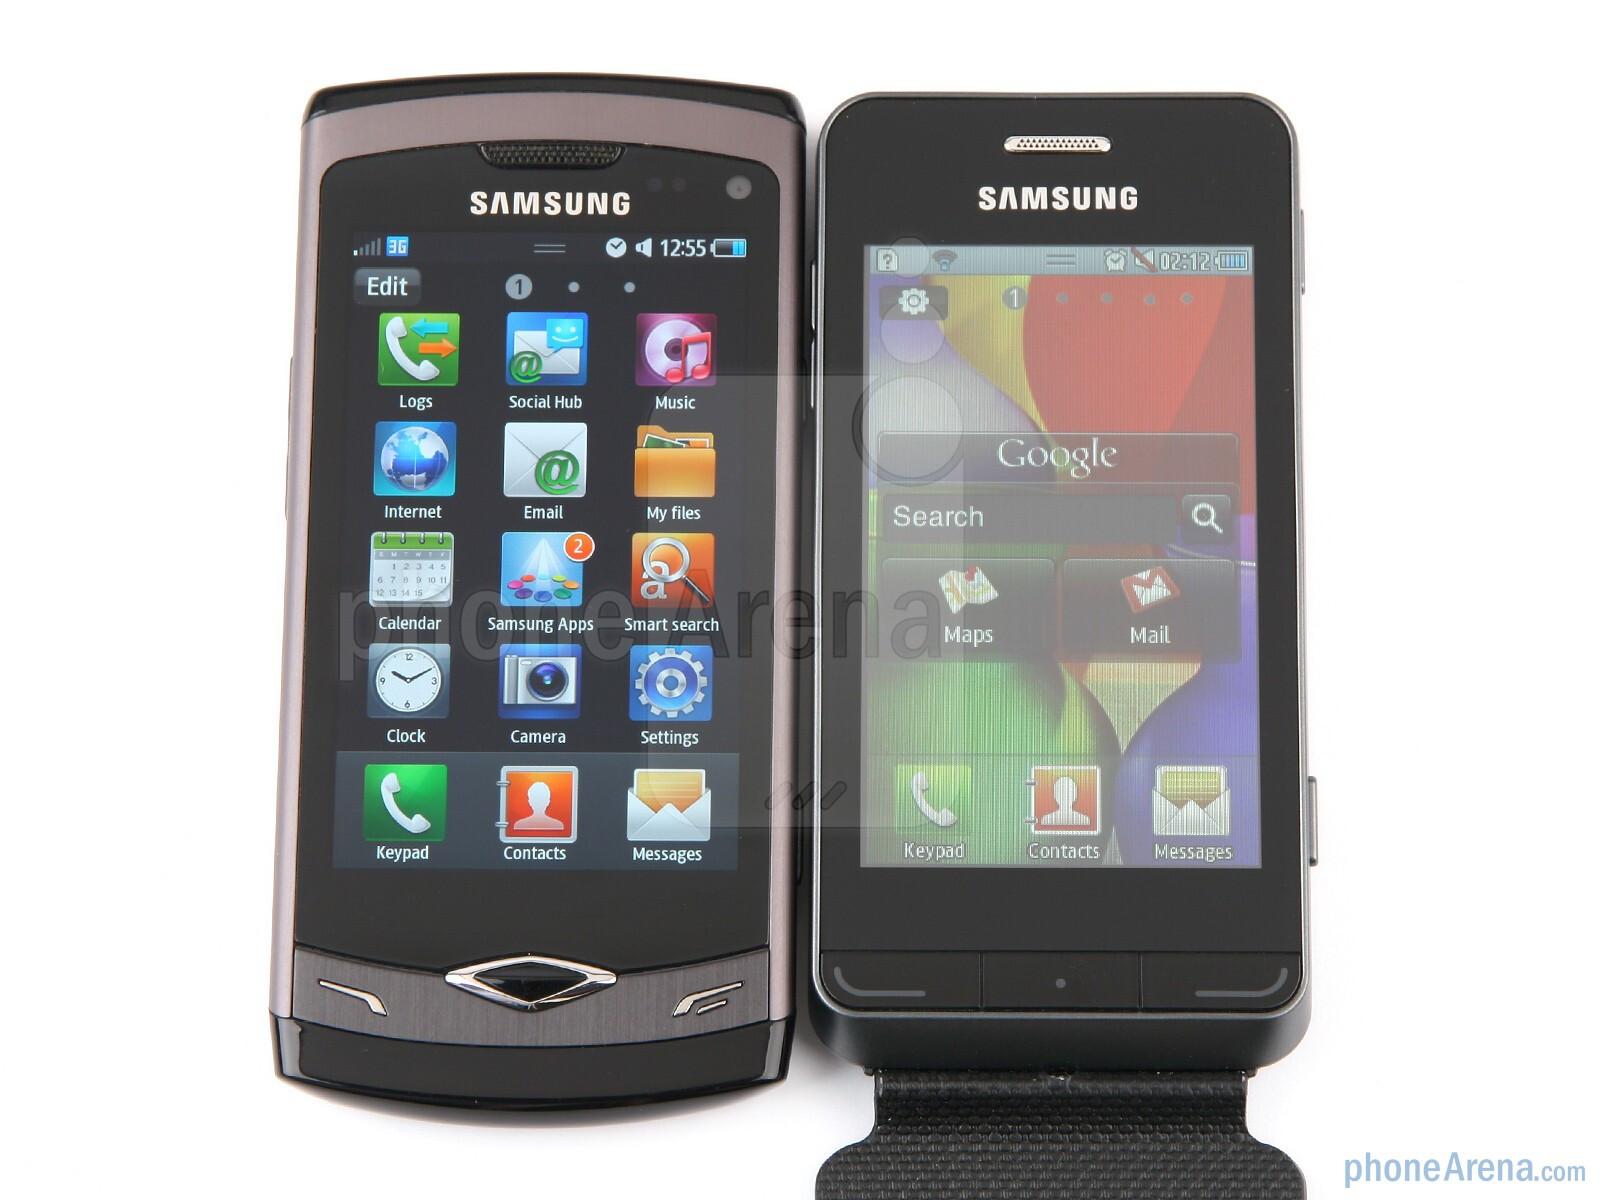 samsung wave 723 review rh phonearena com Driver Samsung Wave 723 Themes for Samsung Wave 723